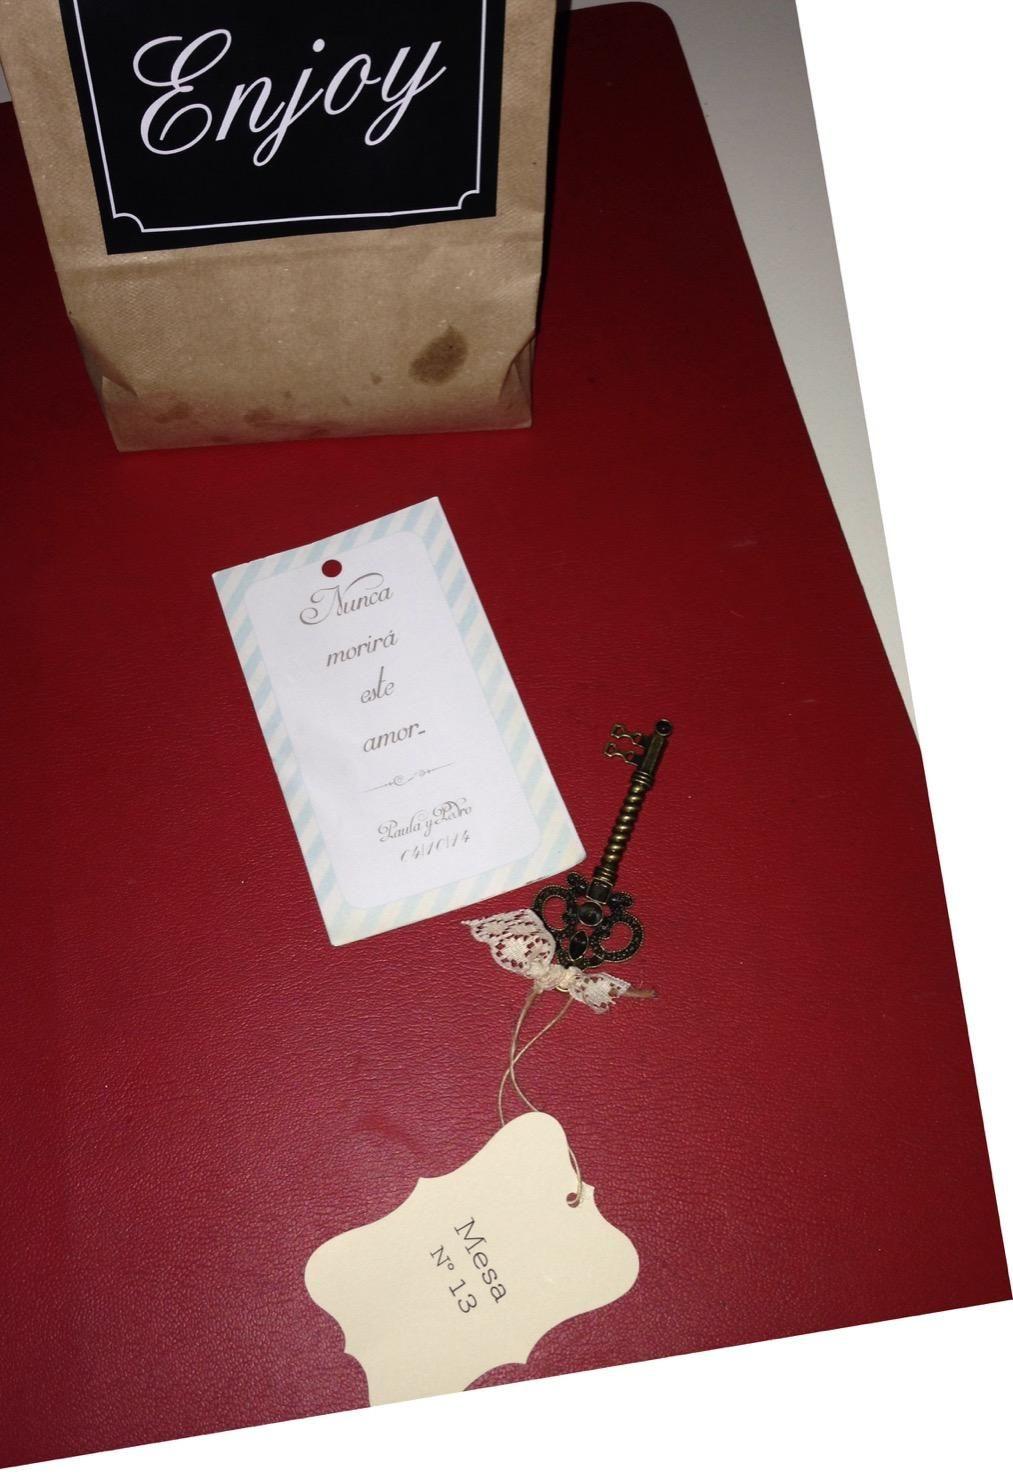 La llave paa ir a tu mesa, la frase, la bolsota con golosinas #bodaPYP